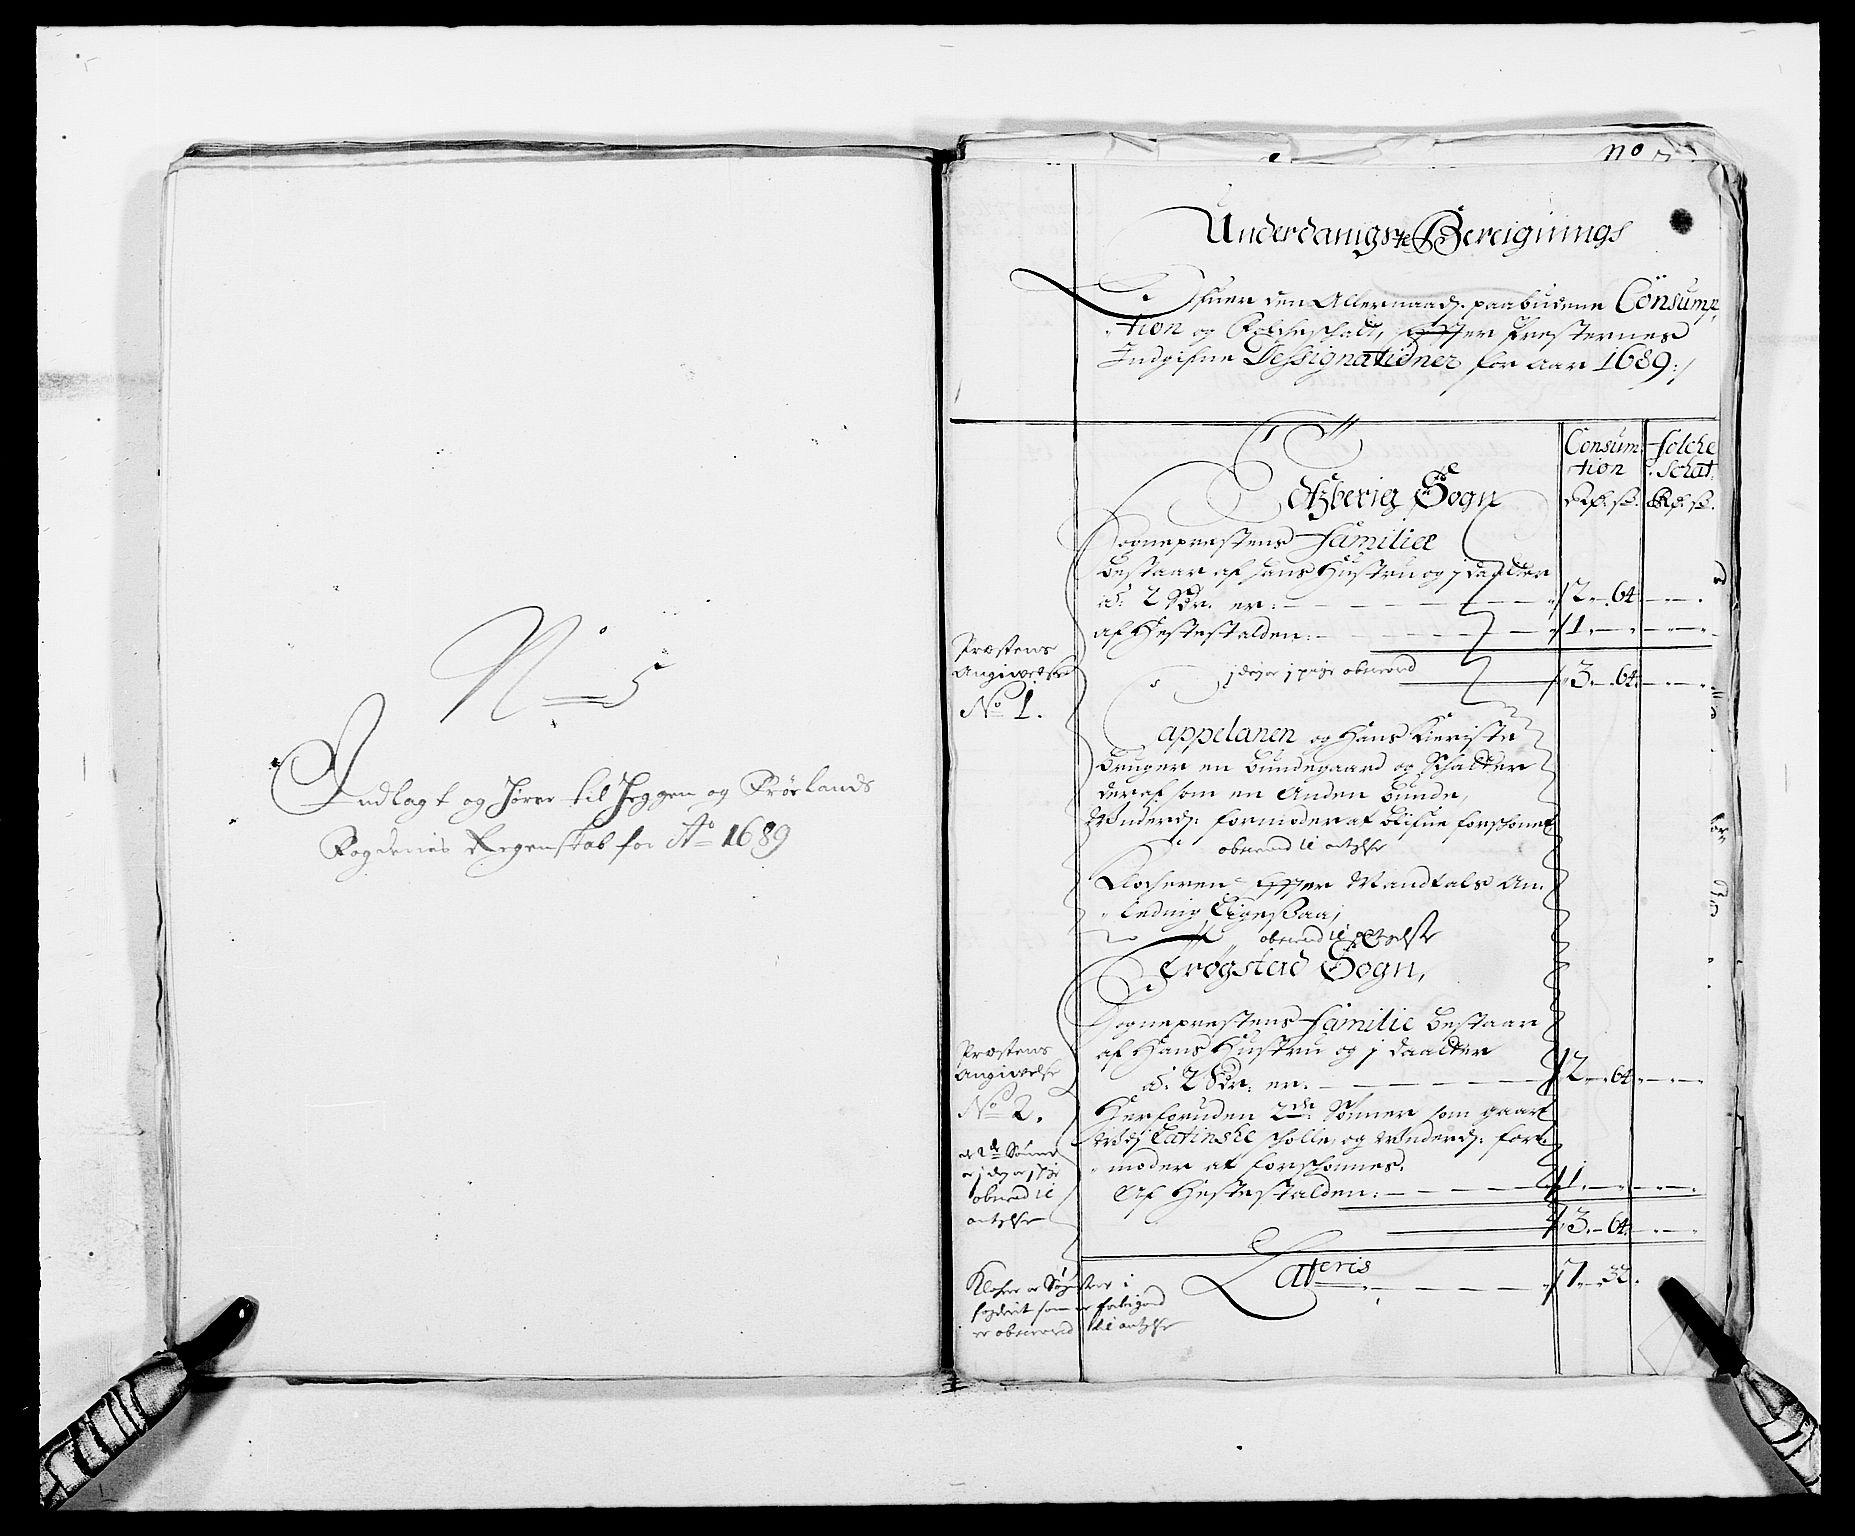 RA, Rentekammeret inntil 1814, Reviderte regnskaper, Fogderegnskap, R06/L0282: Fogderegnskap Heggen og Frøland, 1687-1690, s. 160